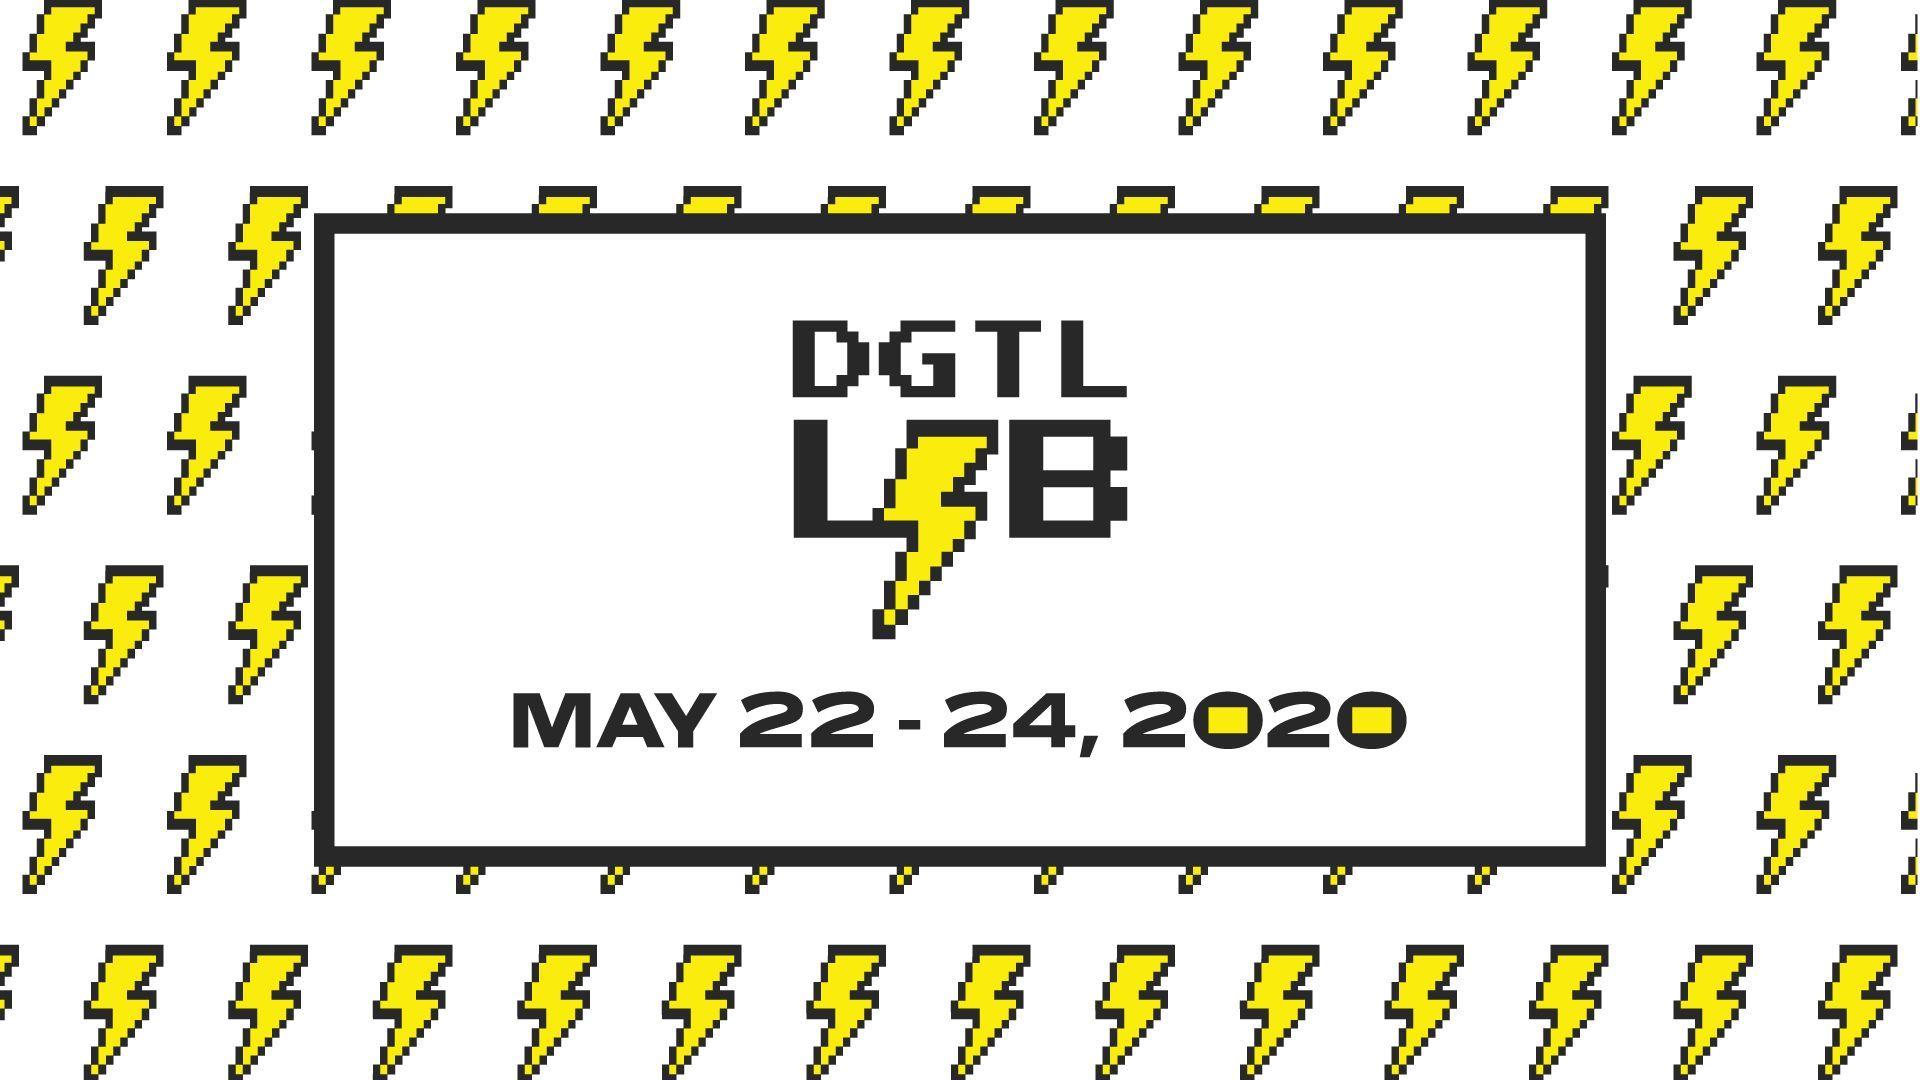 dgtl-lib-2020